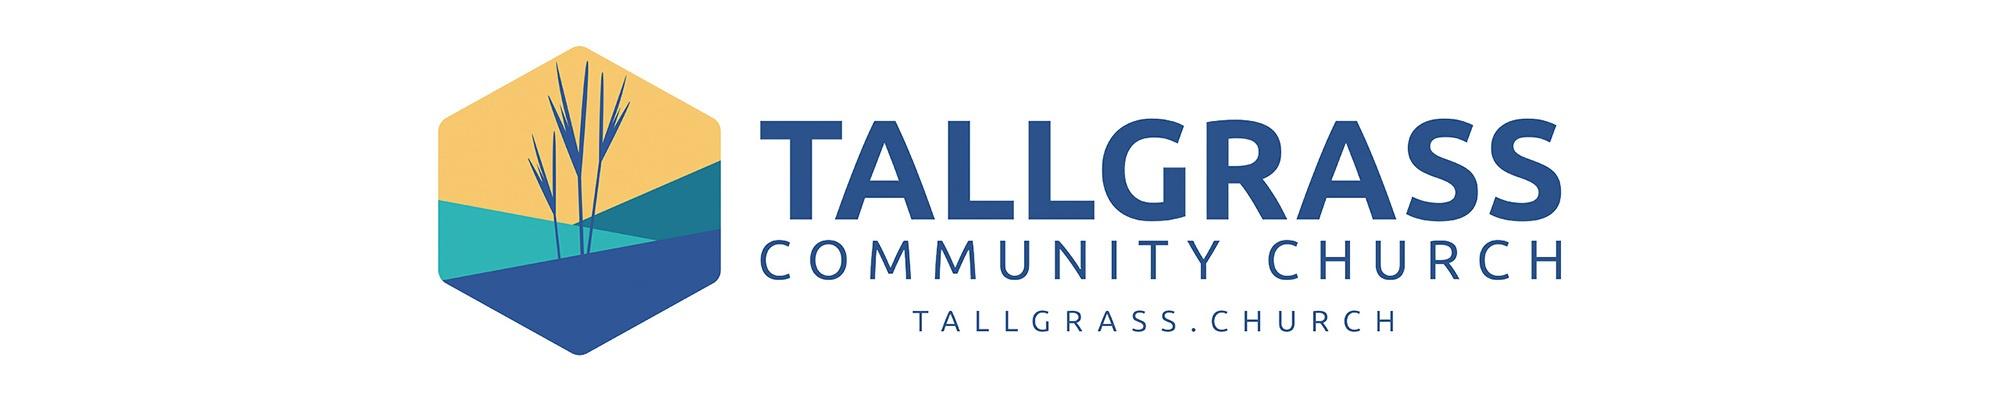 tallgrasschurch Cover